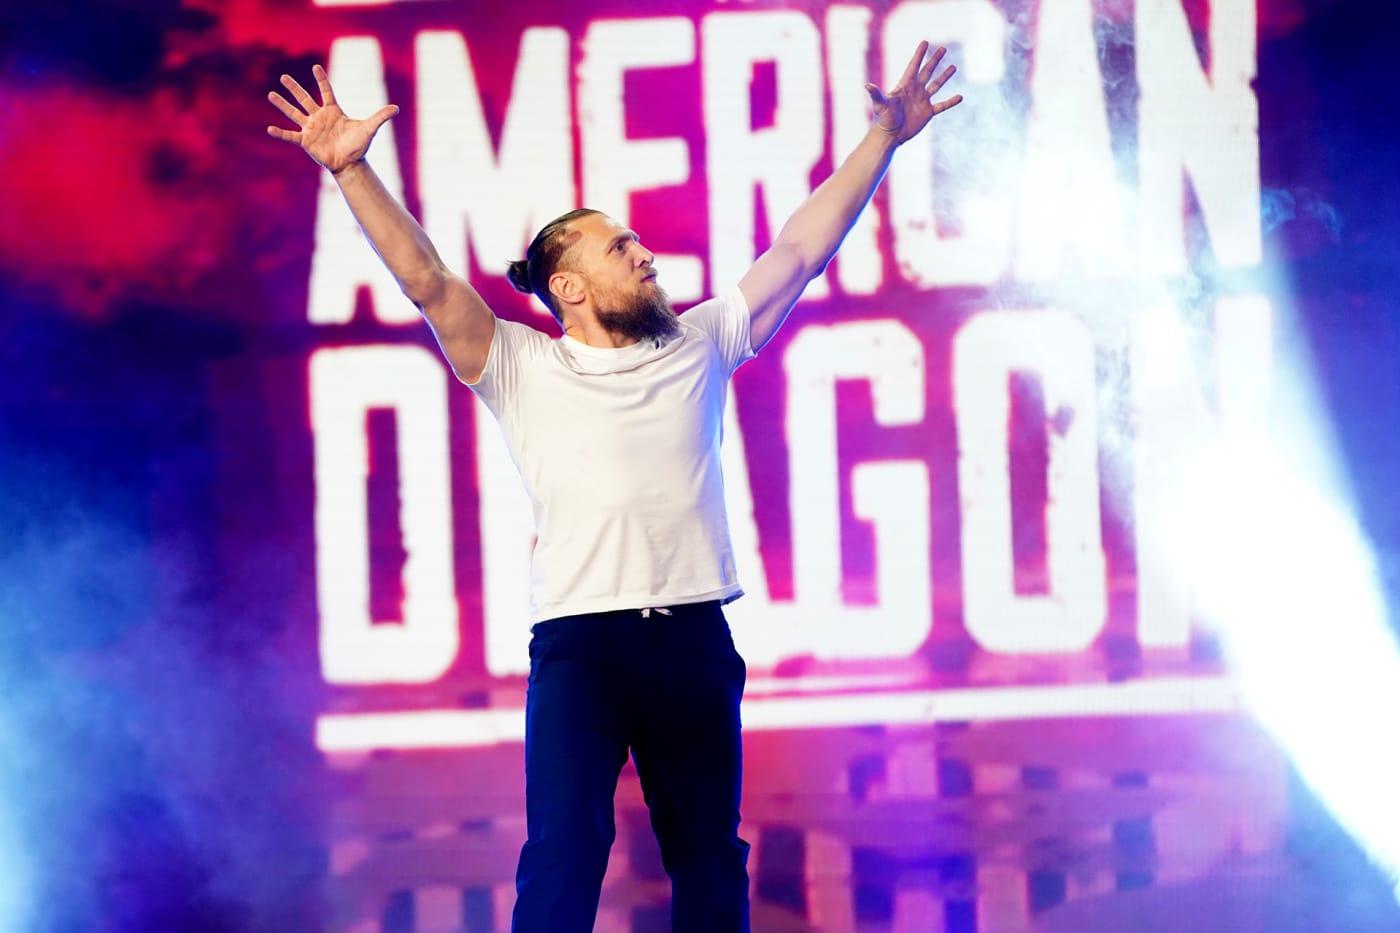 Bryan Danielson All Elite Wrestling: Dynamite Sept. 15, 2021